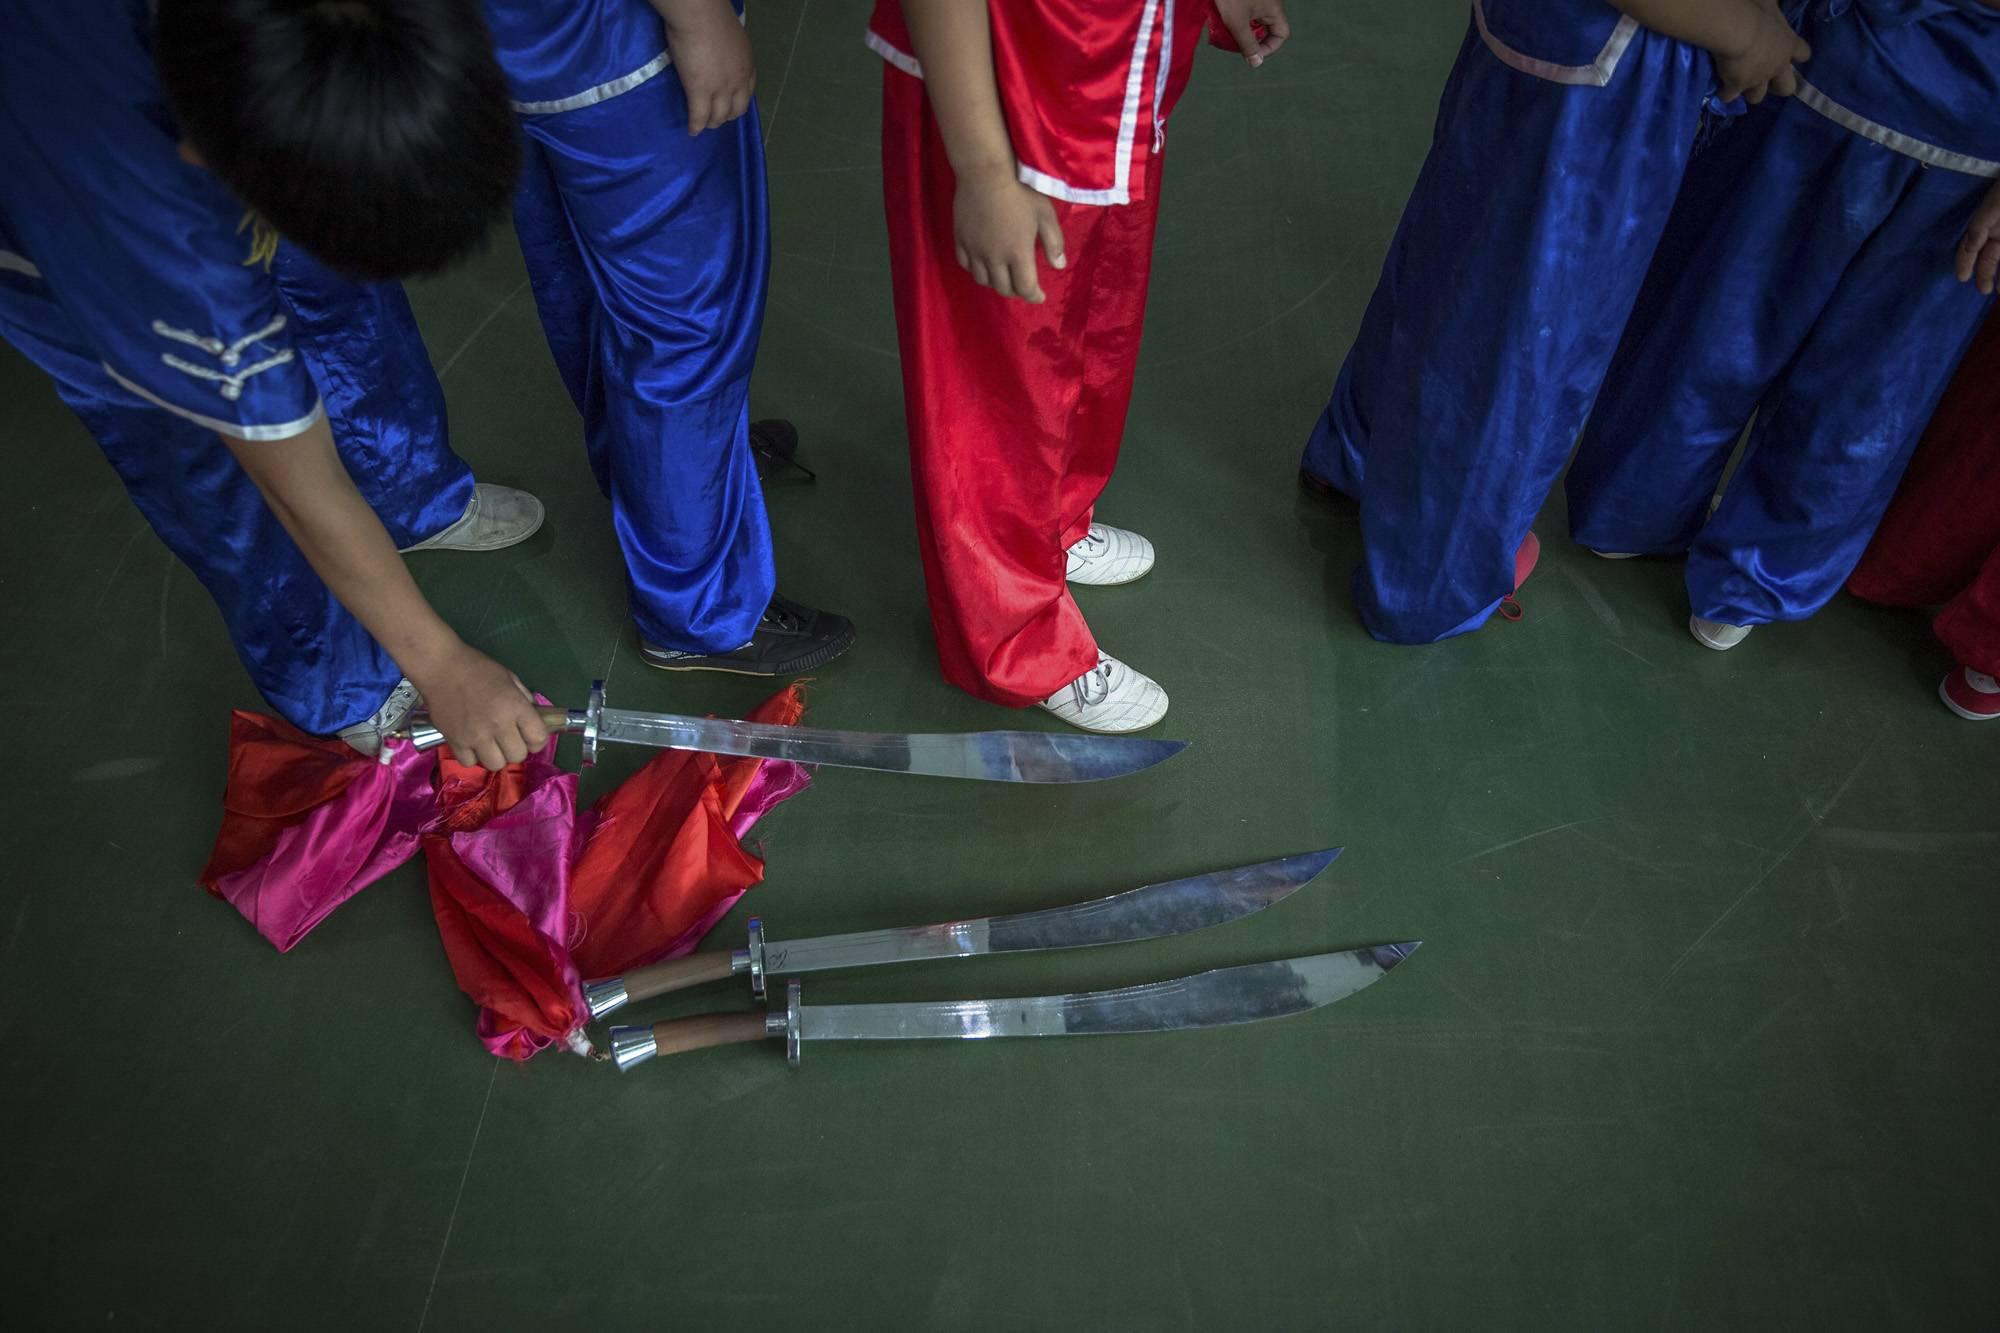 Kuan megye, 2017. szeptember 8.Szablyagyakorlat bemutatására készül egy kungfuiskola fiatal növendéke egy kínai harcművészeti központban, a Hopej tartománybeli Kuan megyében, Pekingtől északra 2017. június 10-én. (MTI/EPA/Roman Pilipej)